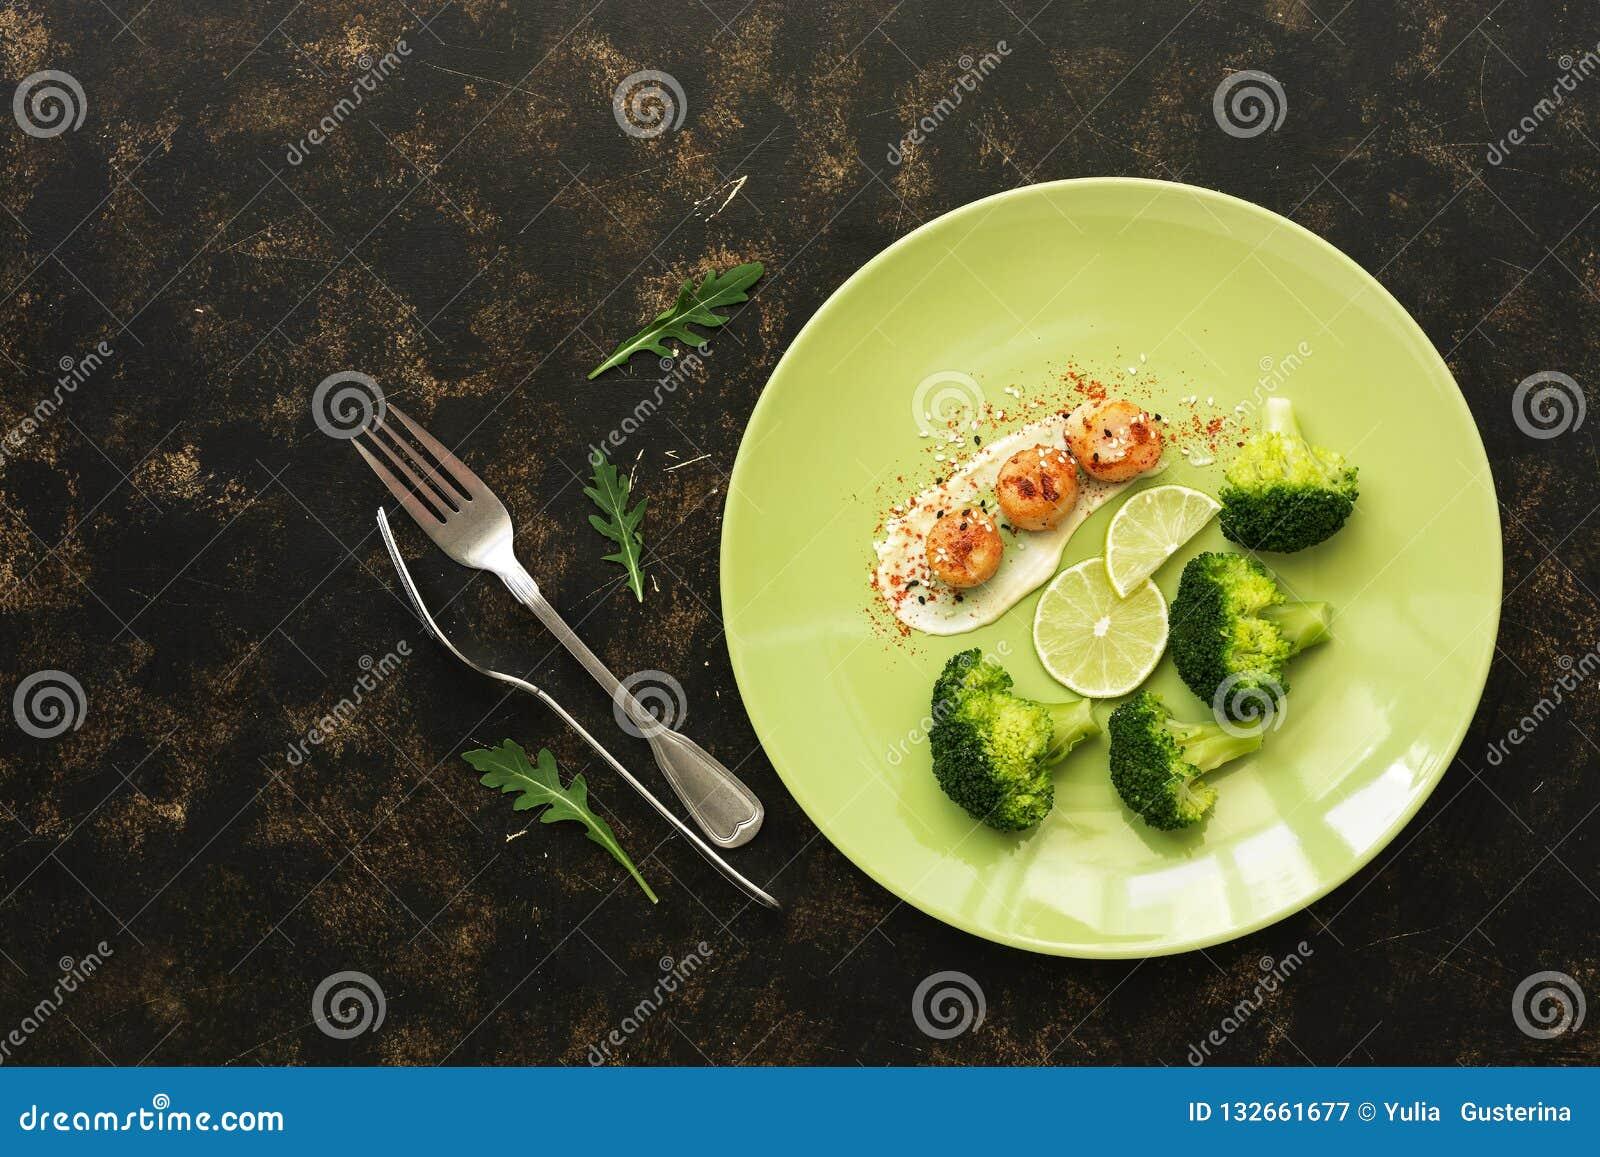 Vieiras com brócolis e cal em uma placa em um fundo rústico escuro delicacy Alimento da dieta saudável Vista superior, configuraç